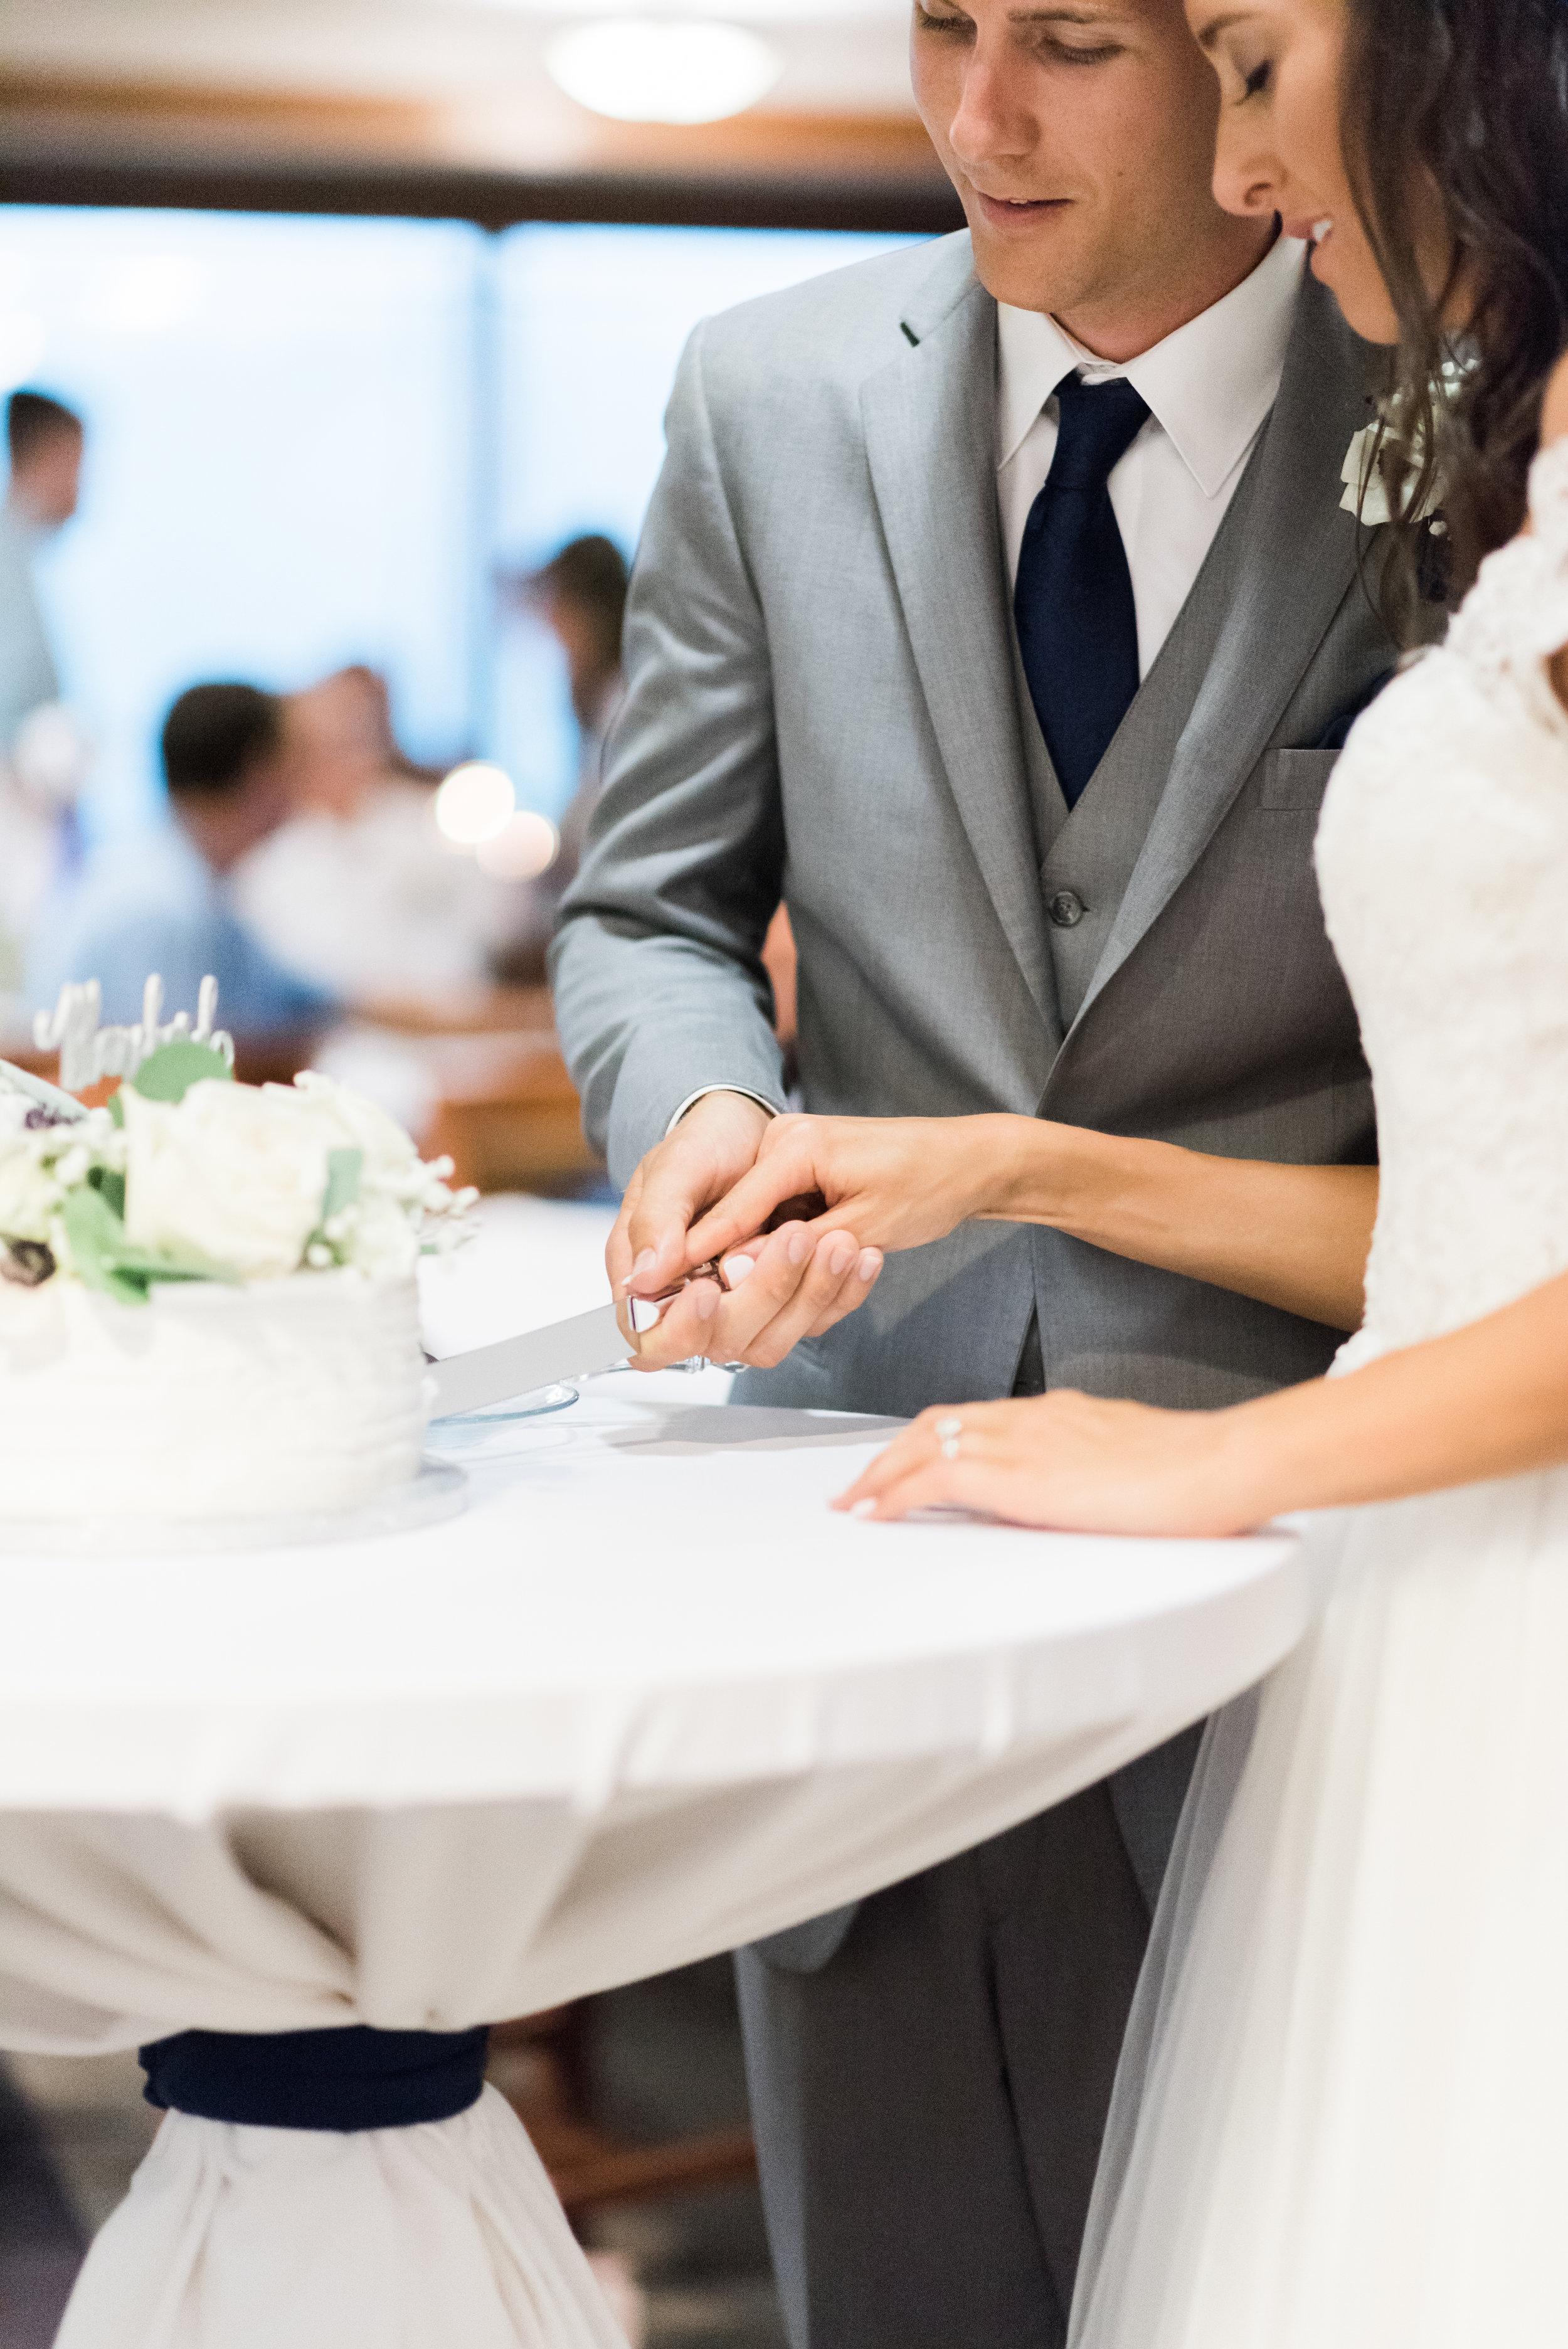 romanticiowawedding-77.jpg